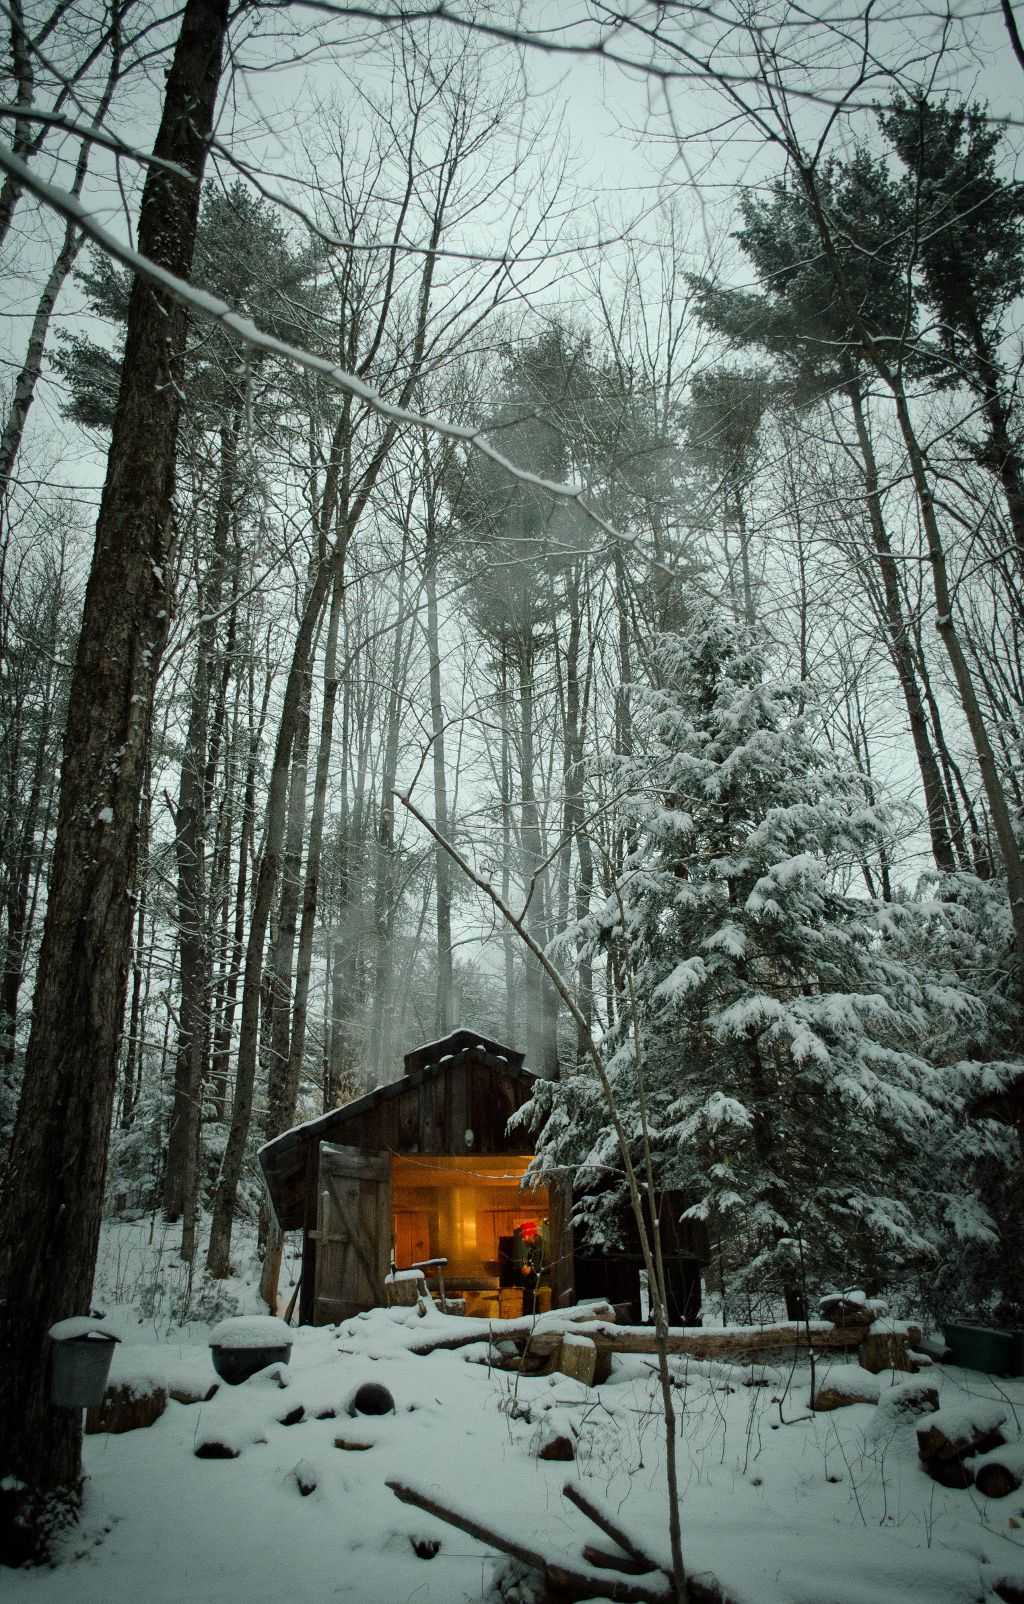 Sugar Shack In The Woods Cenas De Inverno Cabana Na Floresta Paisagem Fotos